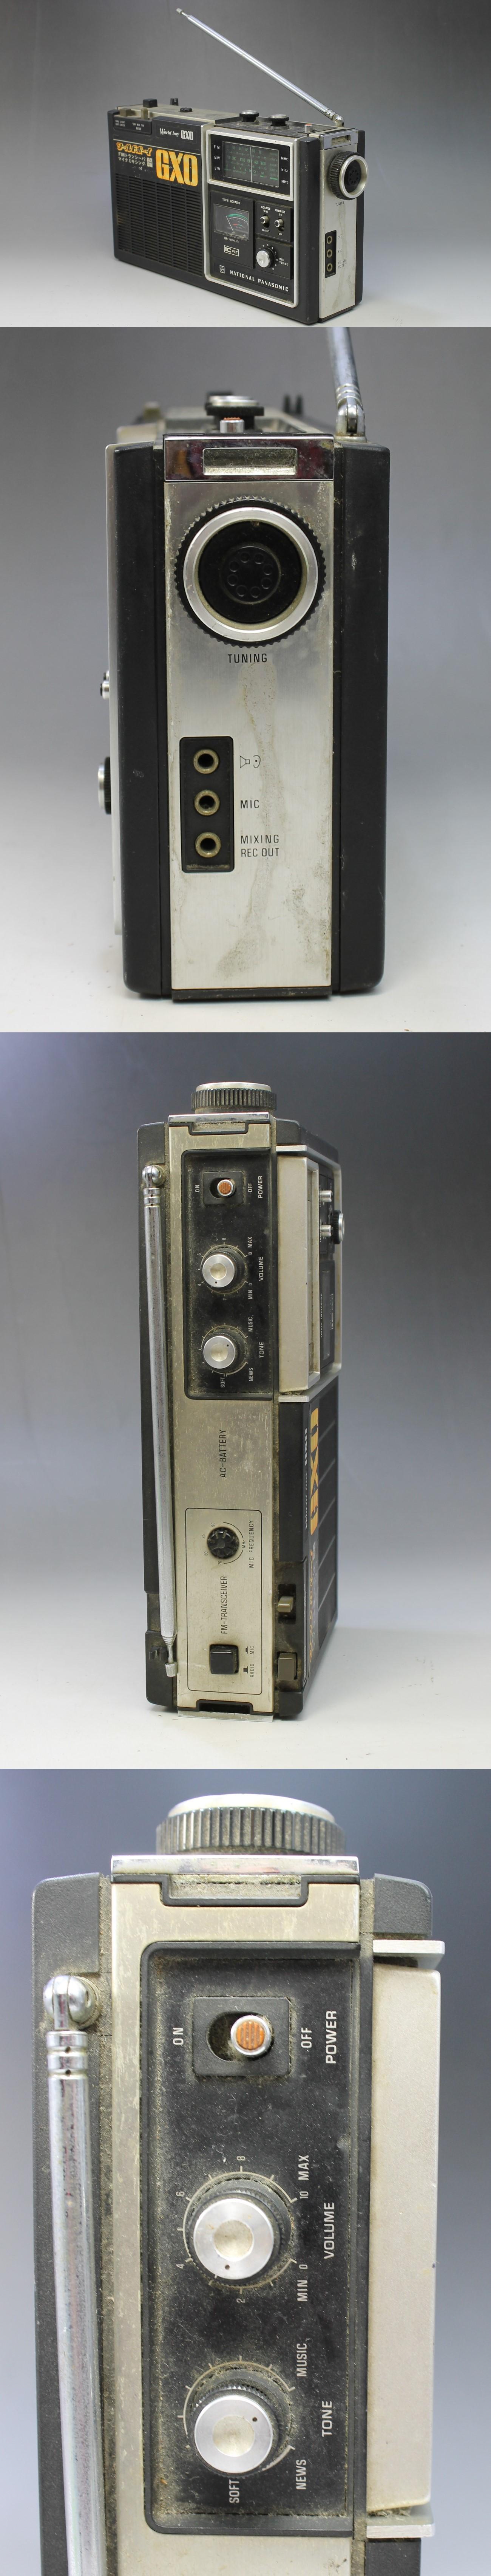 ナショナルRF848 2